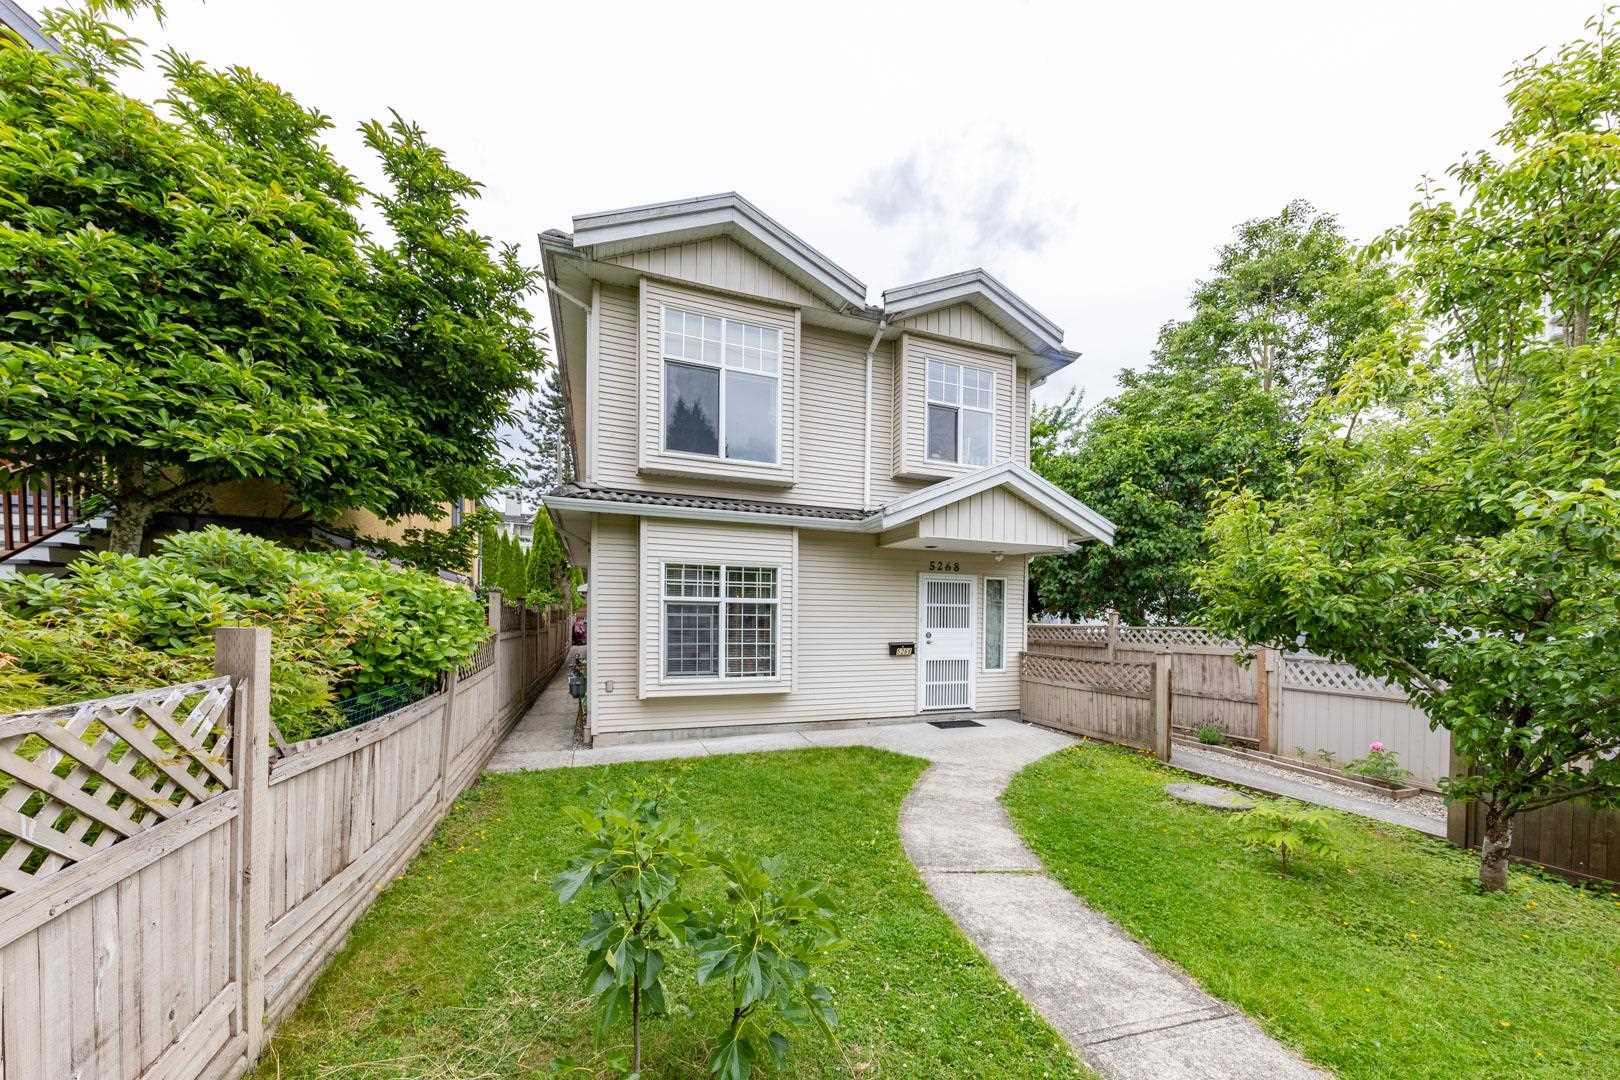 5268 HOY STREET - Collingwood VE 1/2 Duplex for sale, 4 Bedrooms (R2594942) - #1